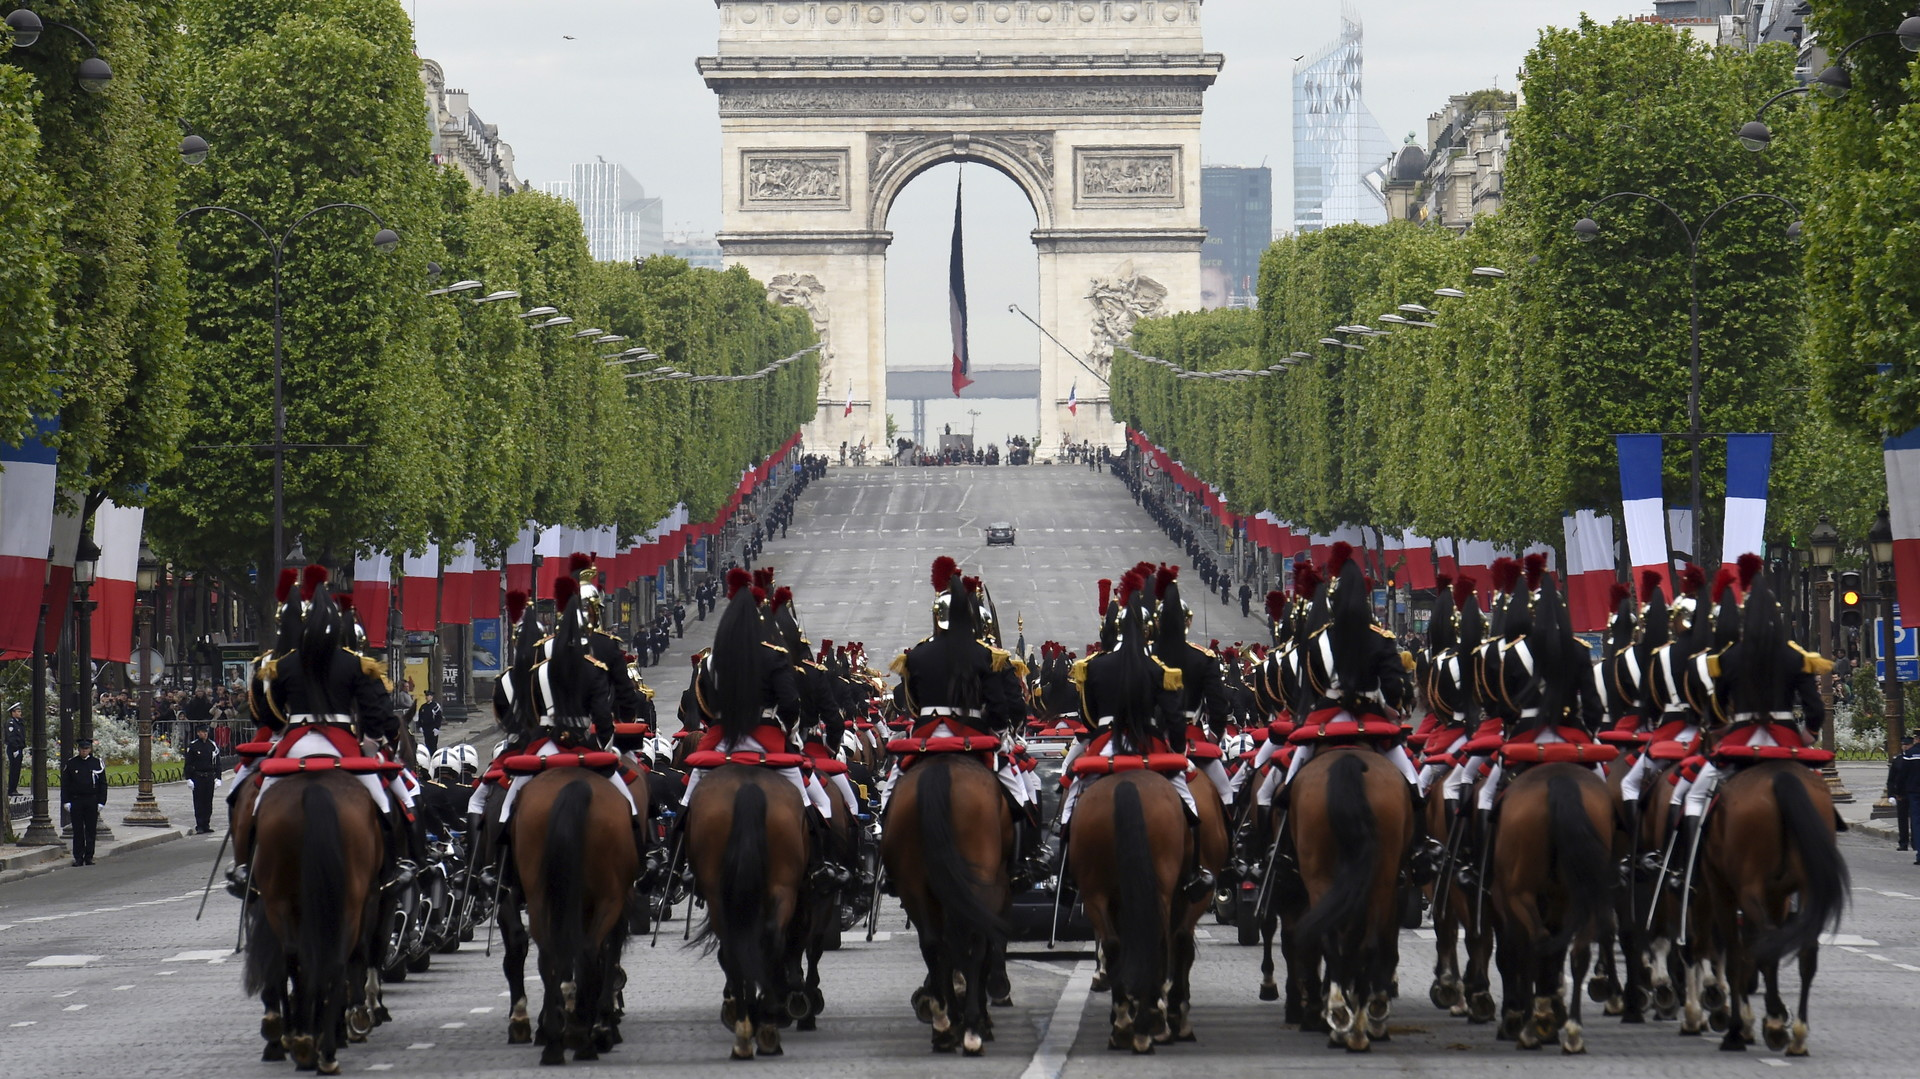 La Garde républicaine escorte la voiture de François Hollande à la cérémonie commémorative à Paris